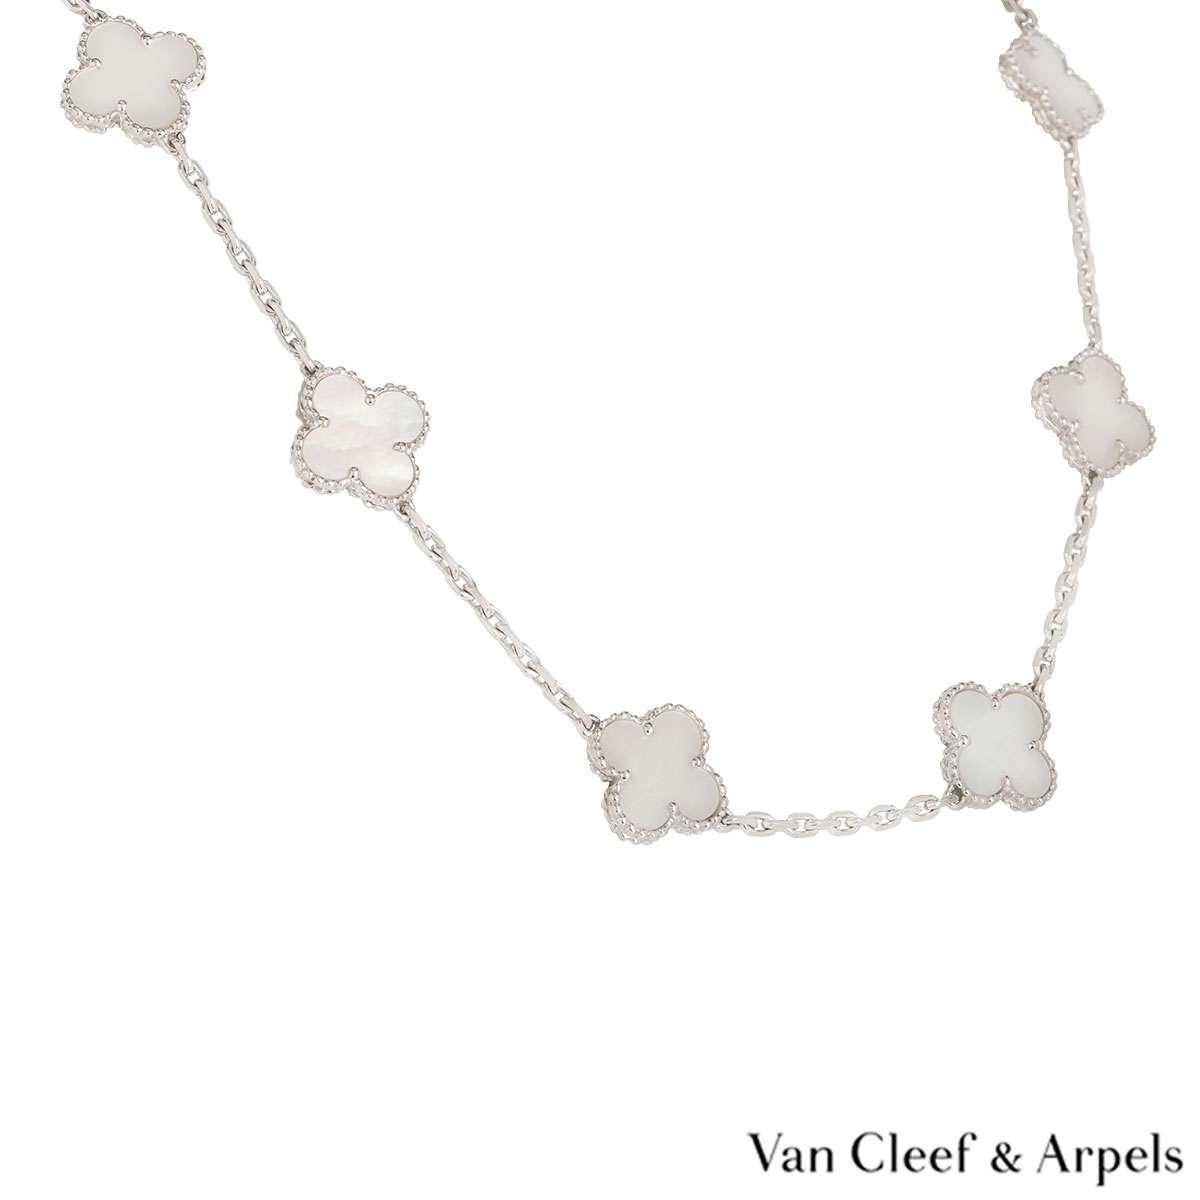 Van Cleef & Arpels White Gold Vintage Alhambra Necklace VCARF48500